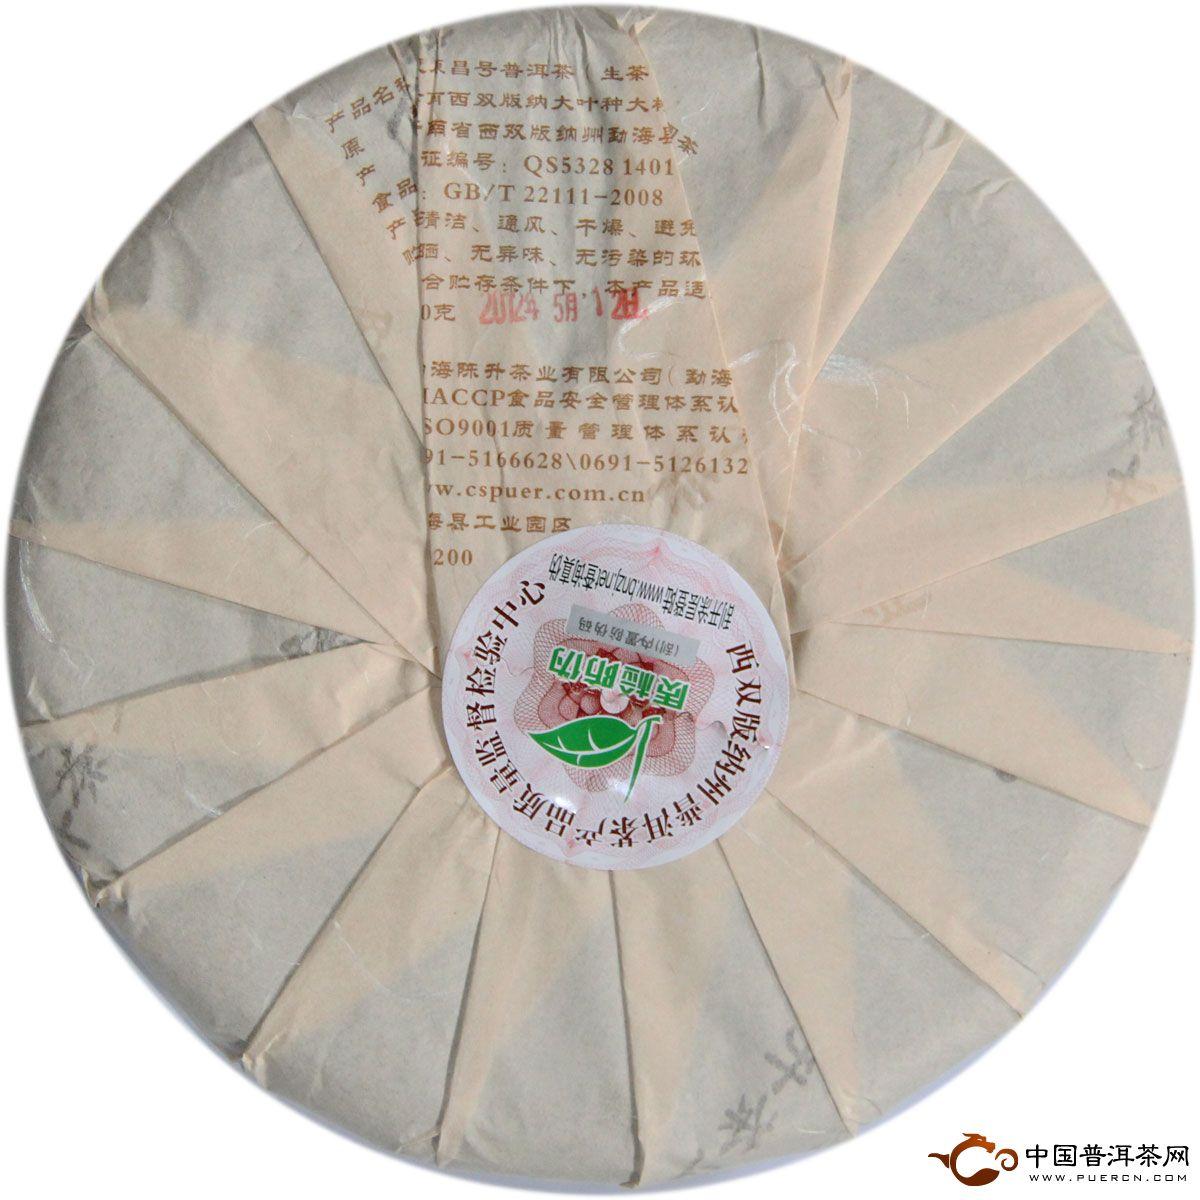 2012年陈升号复原昌号古韵圆茶(生茶) 500克